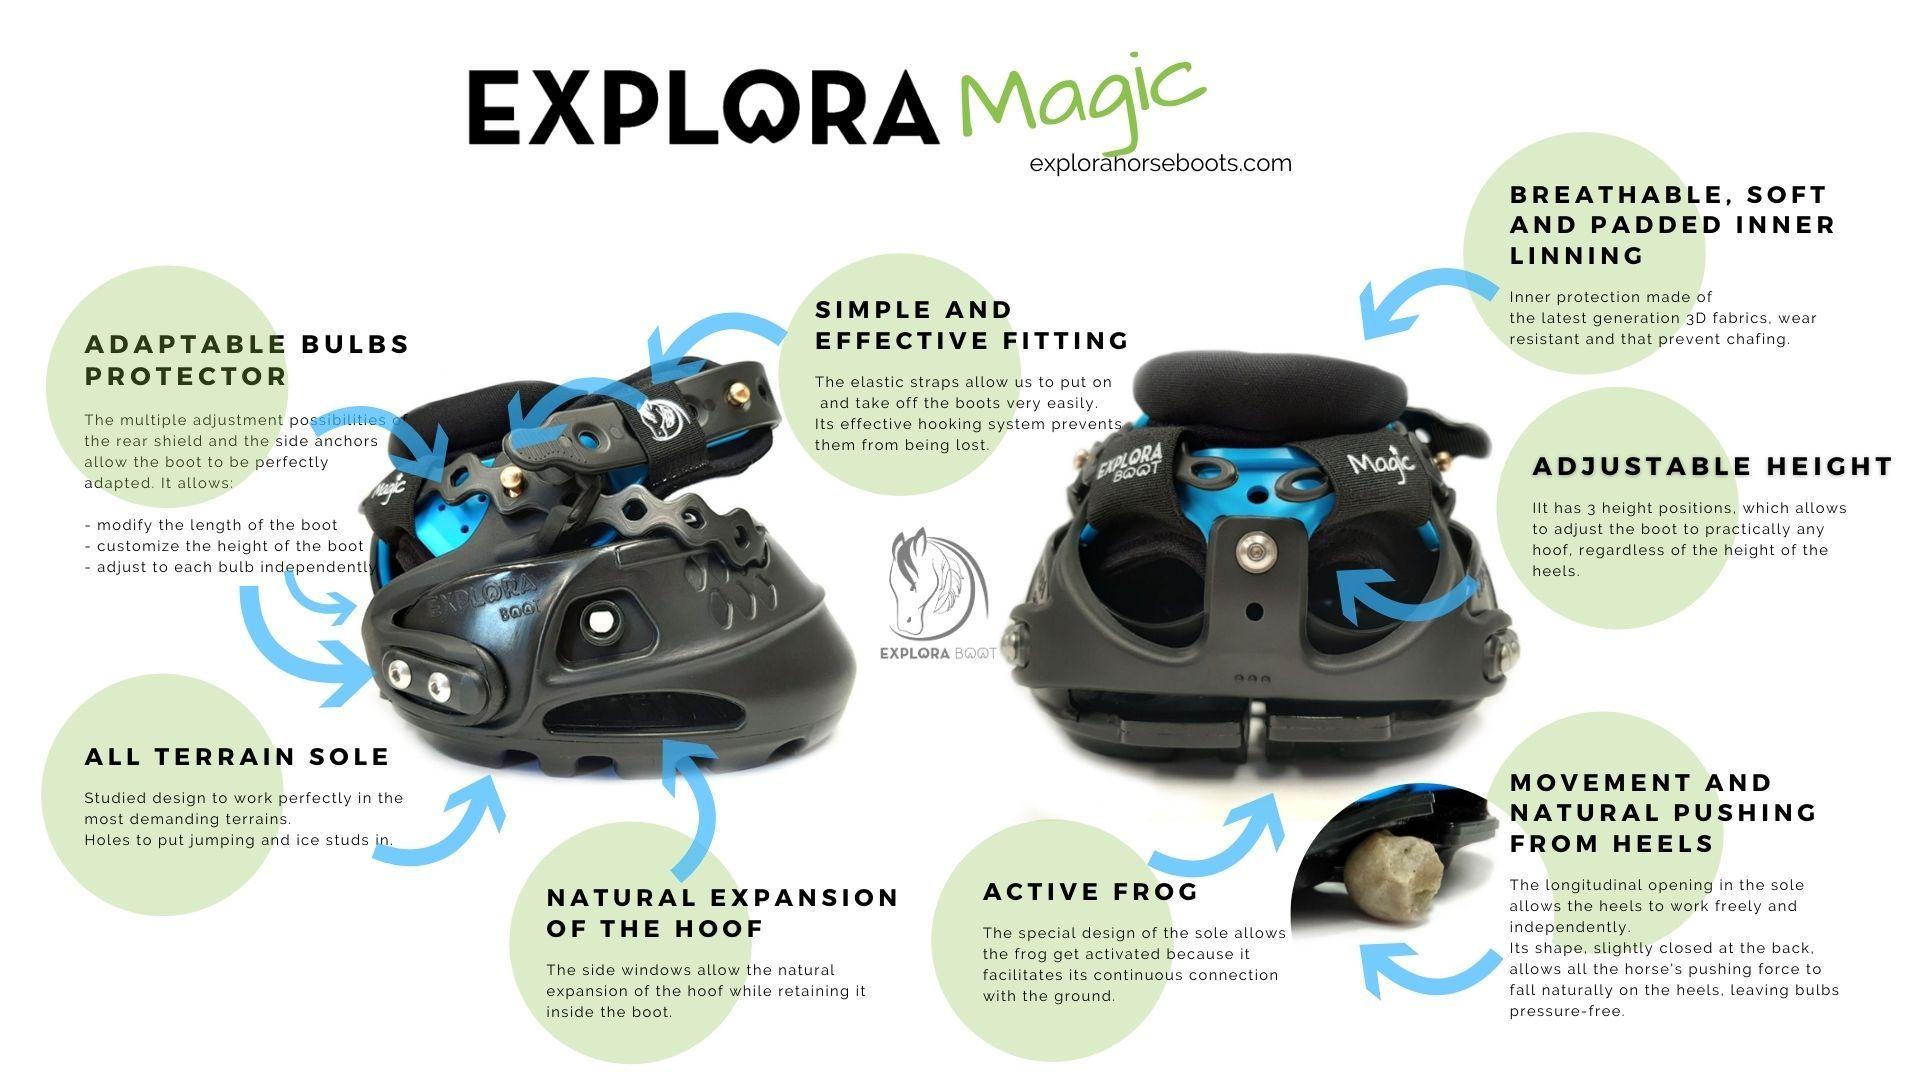 Explora Magic characteristics